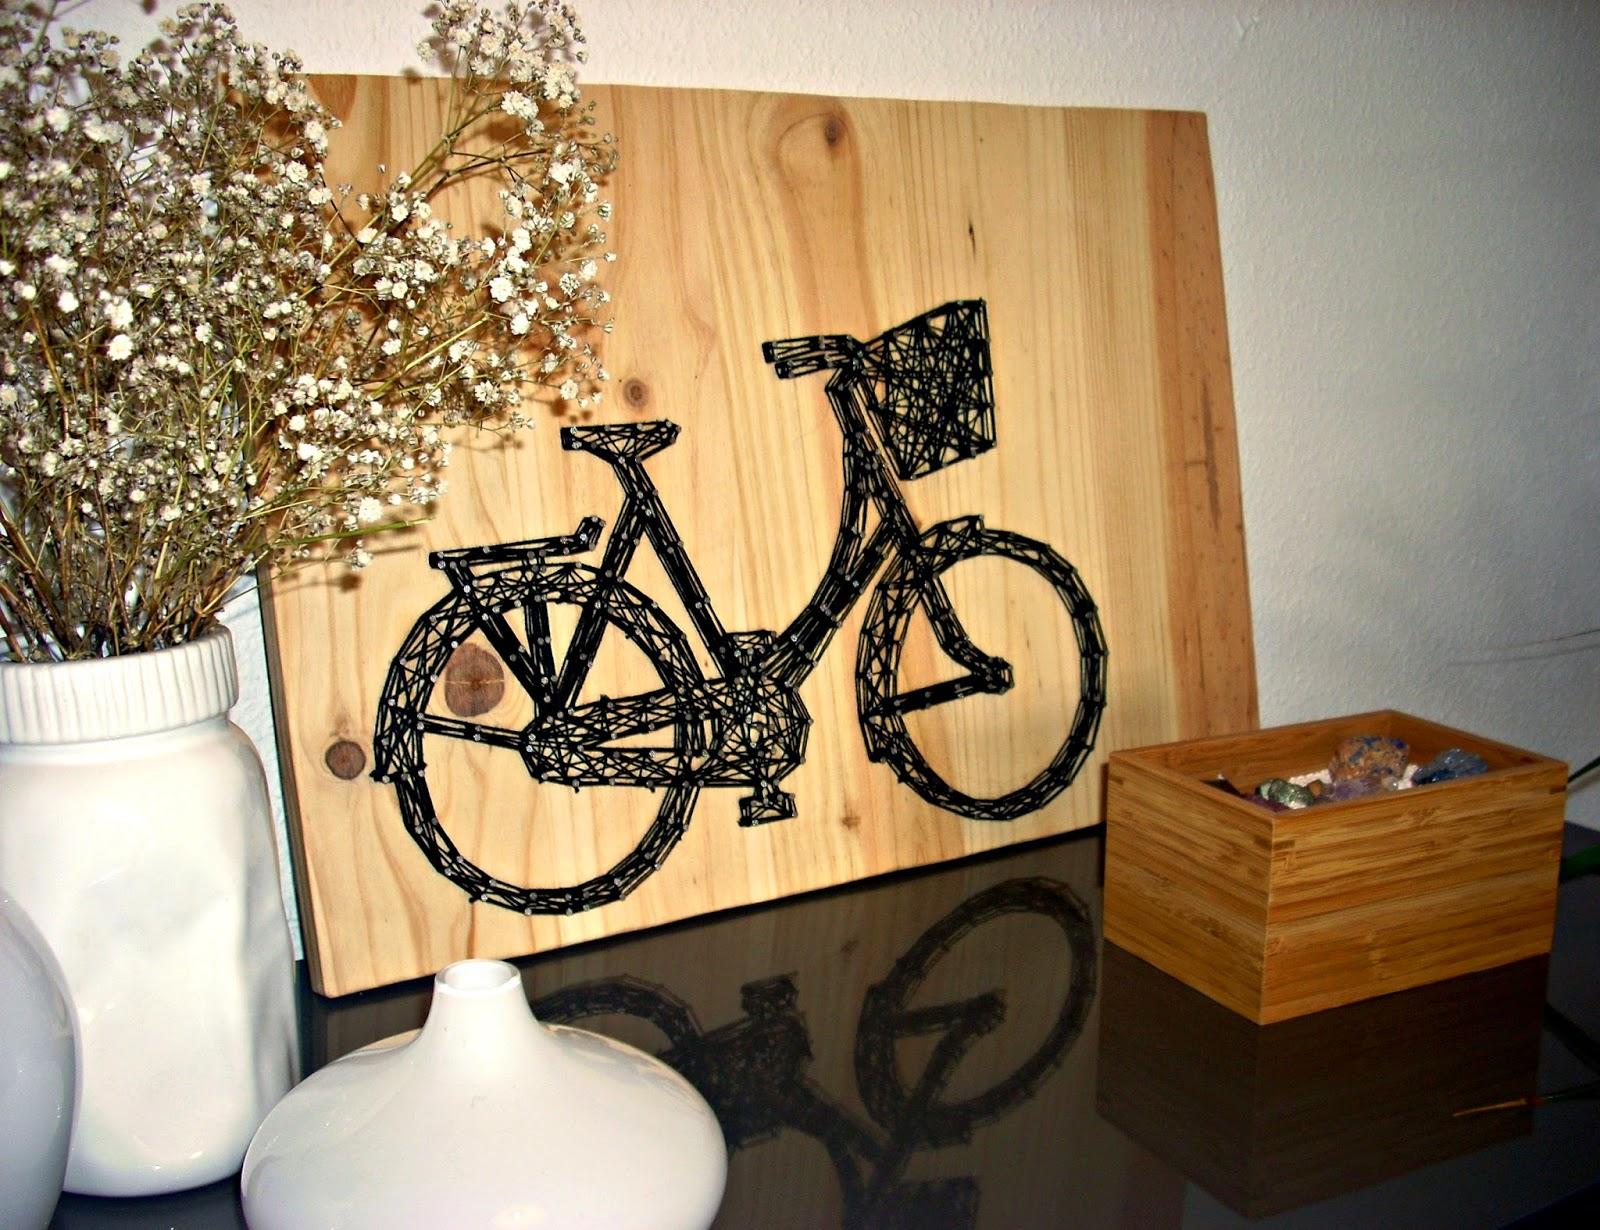 D I Y Haz Una Bicicleta Con Hilo La Buhardilla Decoraci N # Muebles Bicicleta